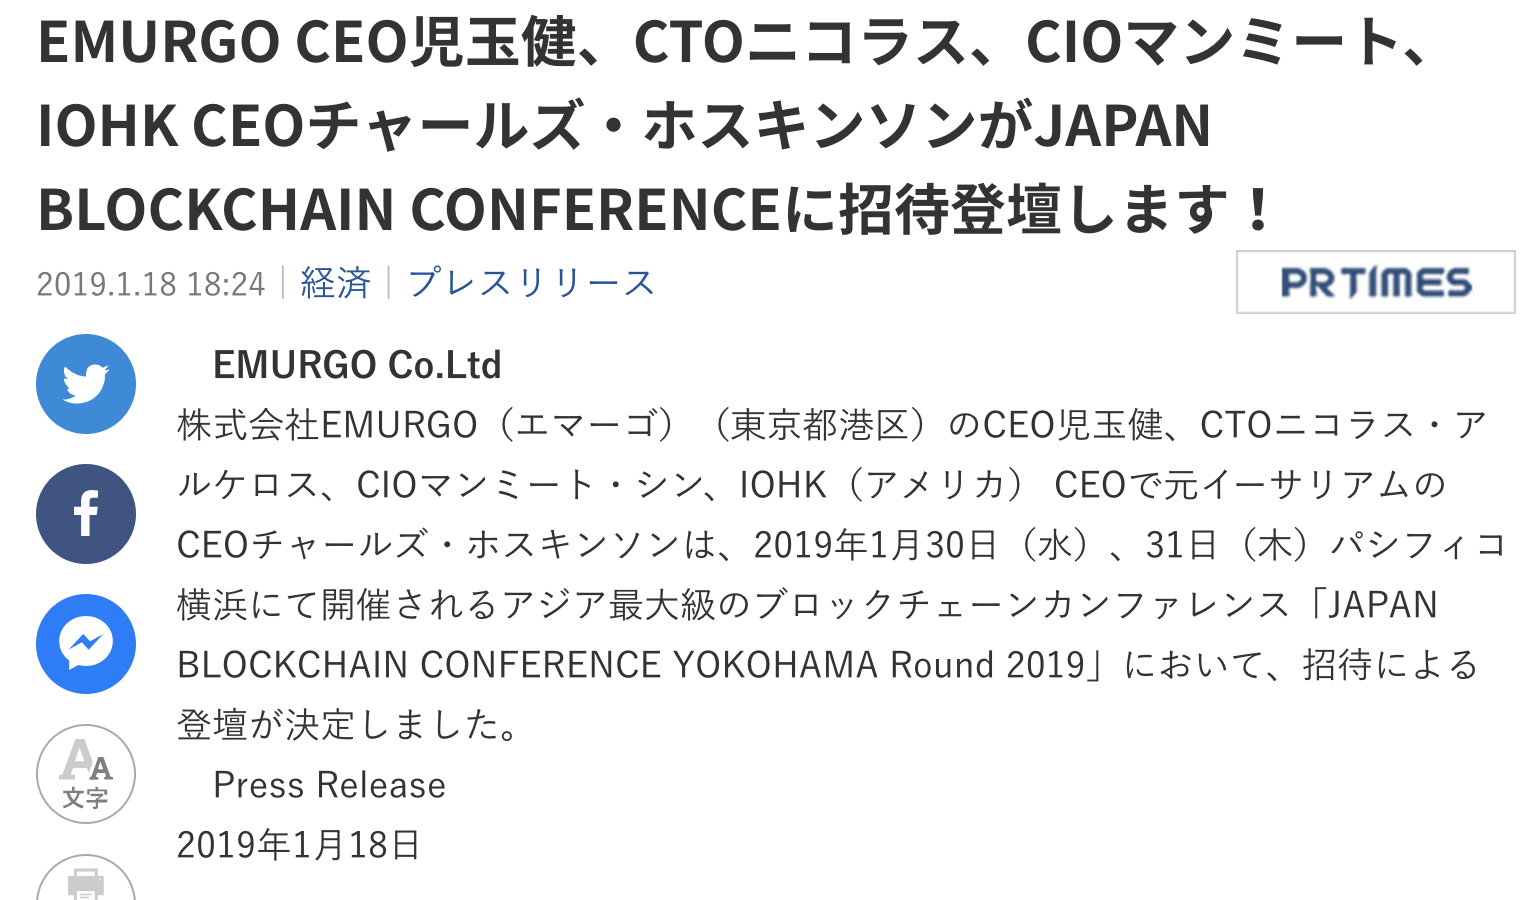 JAPAN BLOCKCHAIN CONFERENCE2019(ジャパンブロックチェーンカンファレンス)Cardano(カルダノ) EMURGO(エマーゴ)